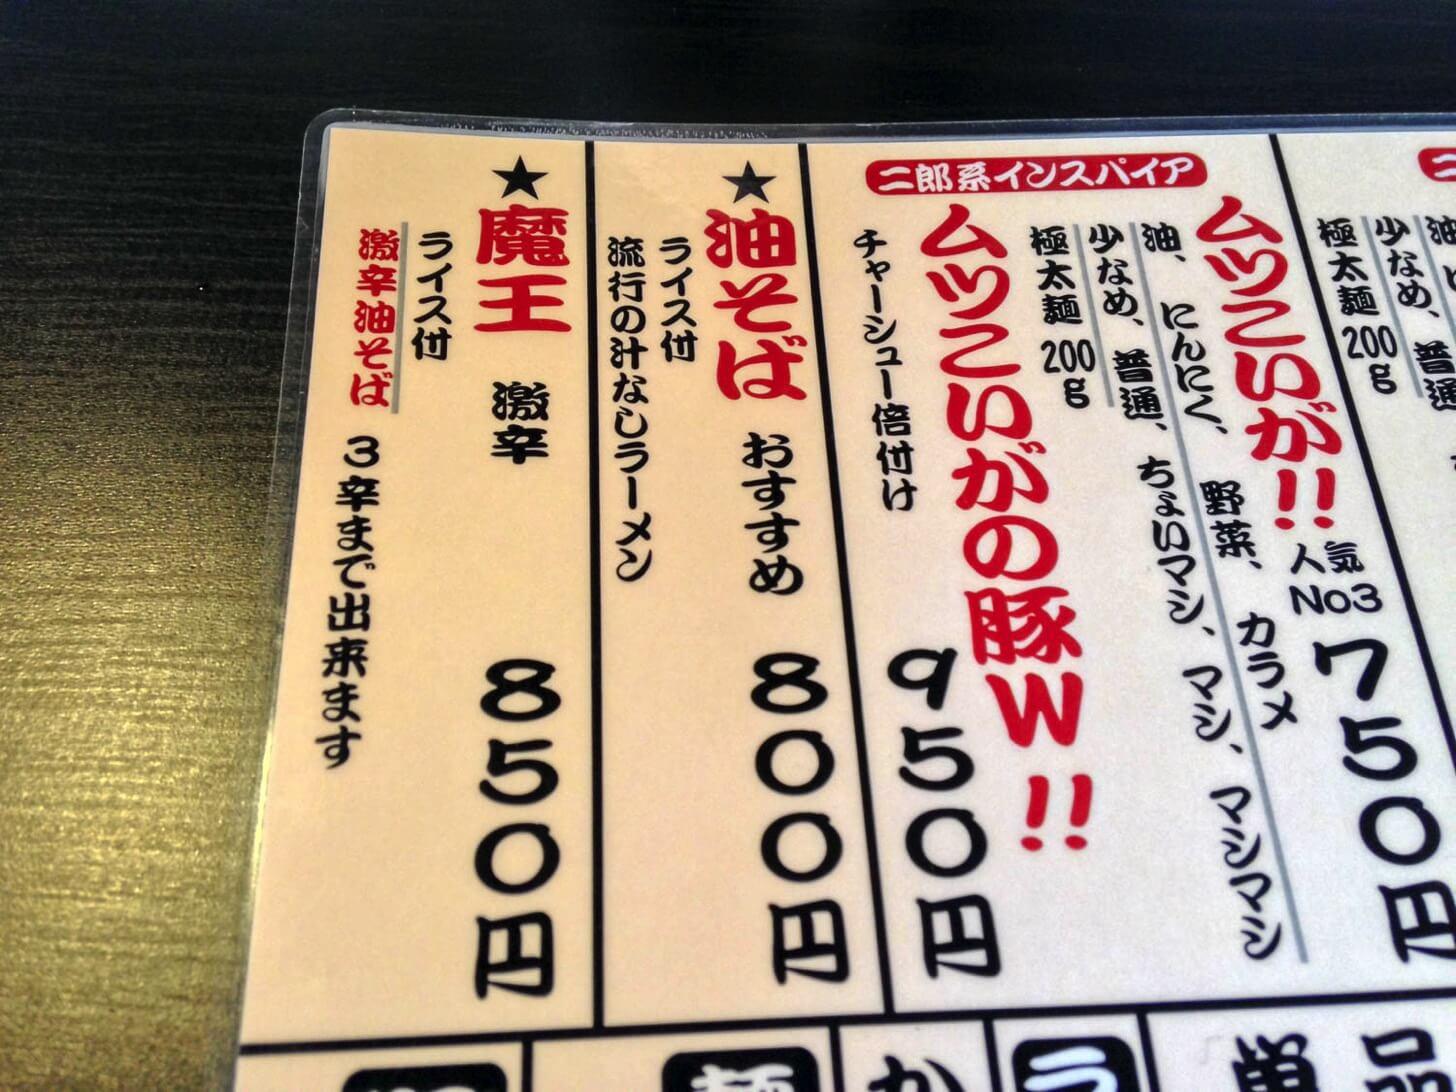 kochi-marutoku-ramen-maou3